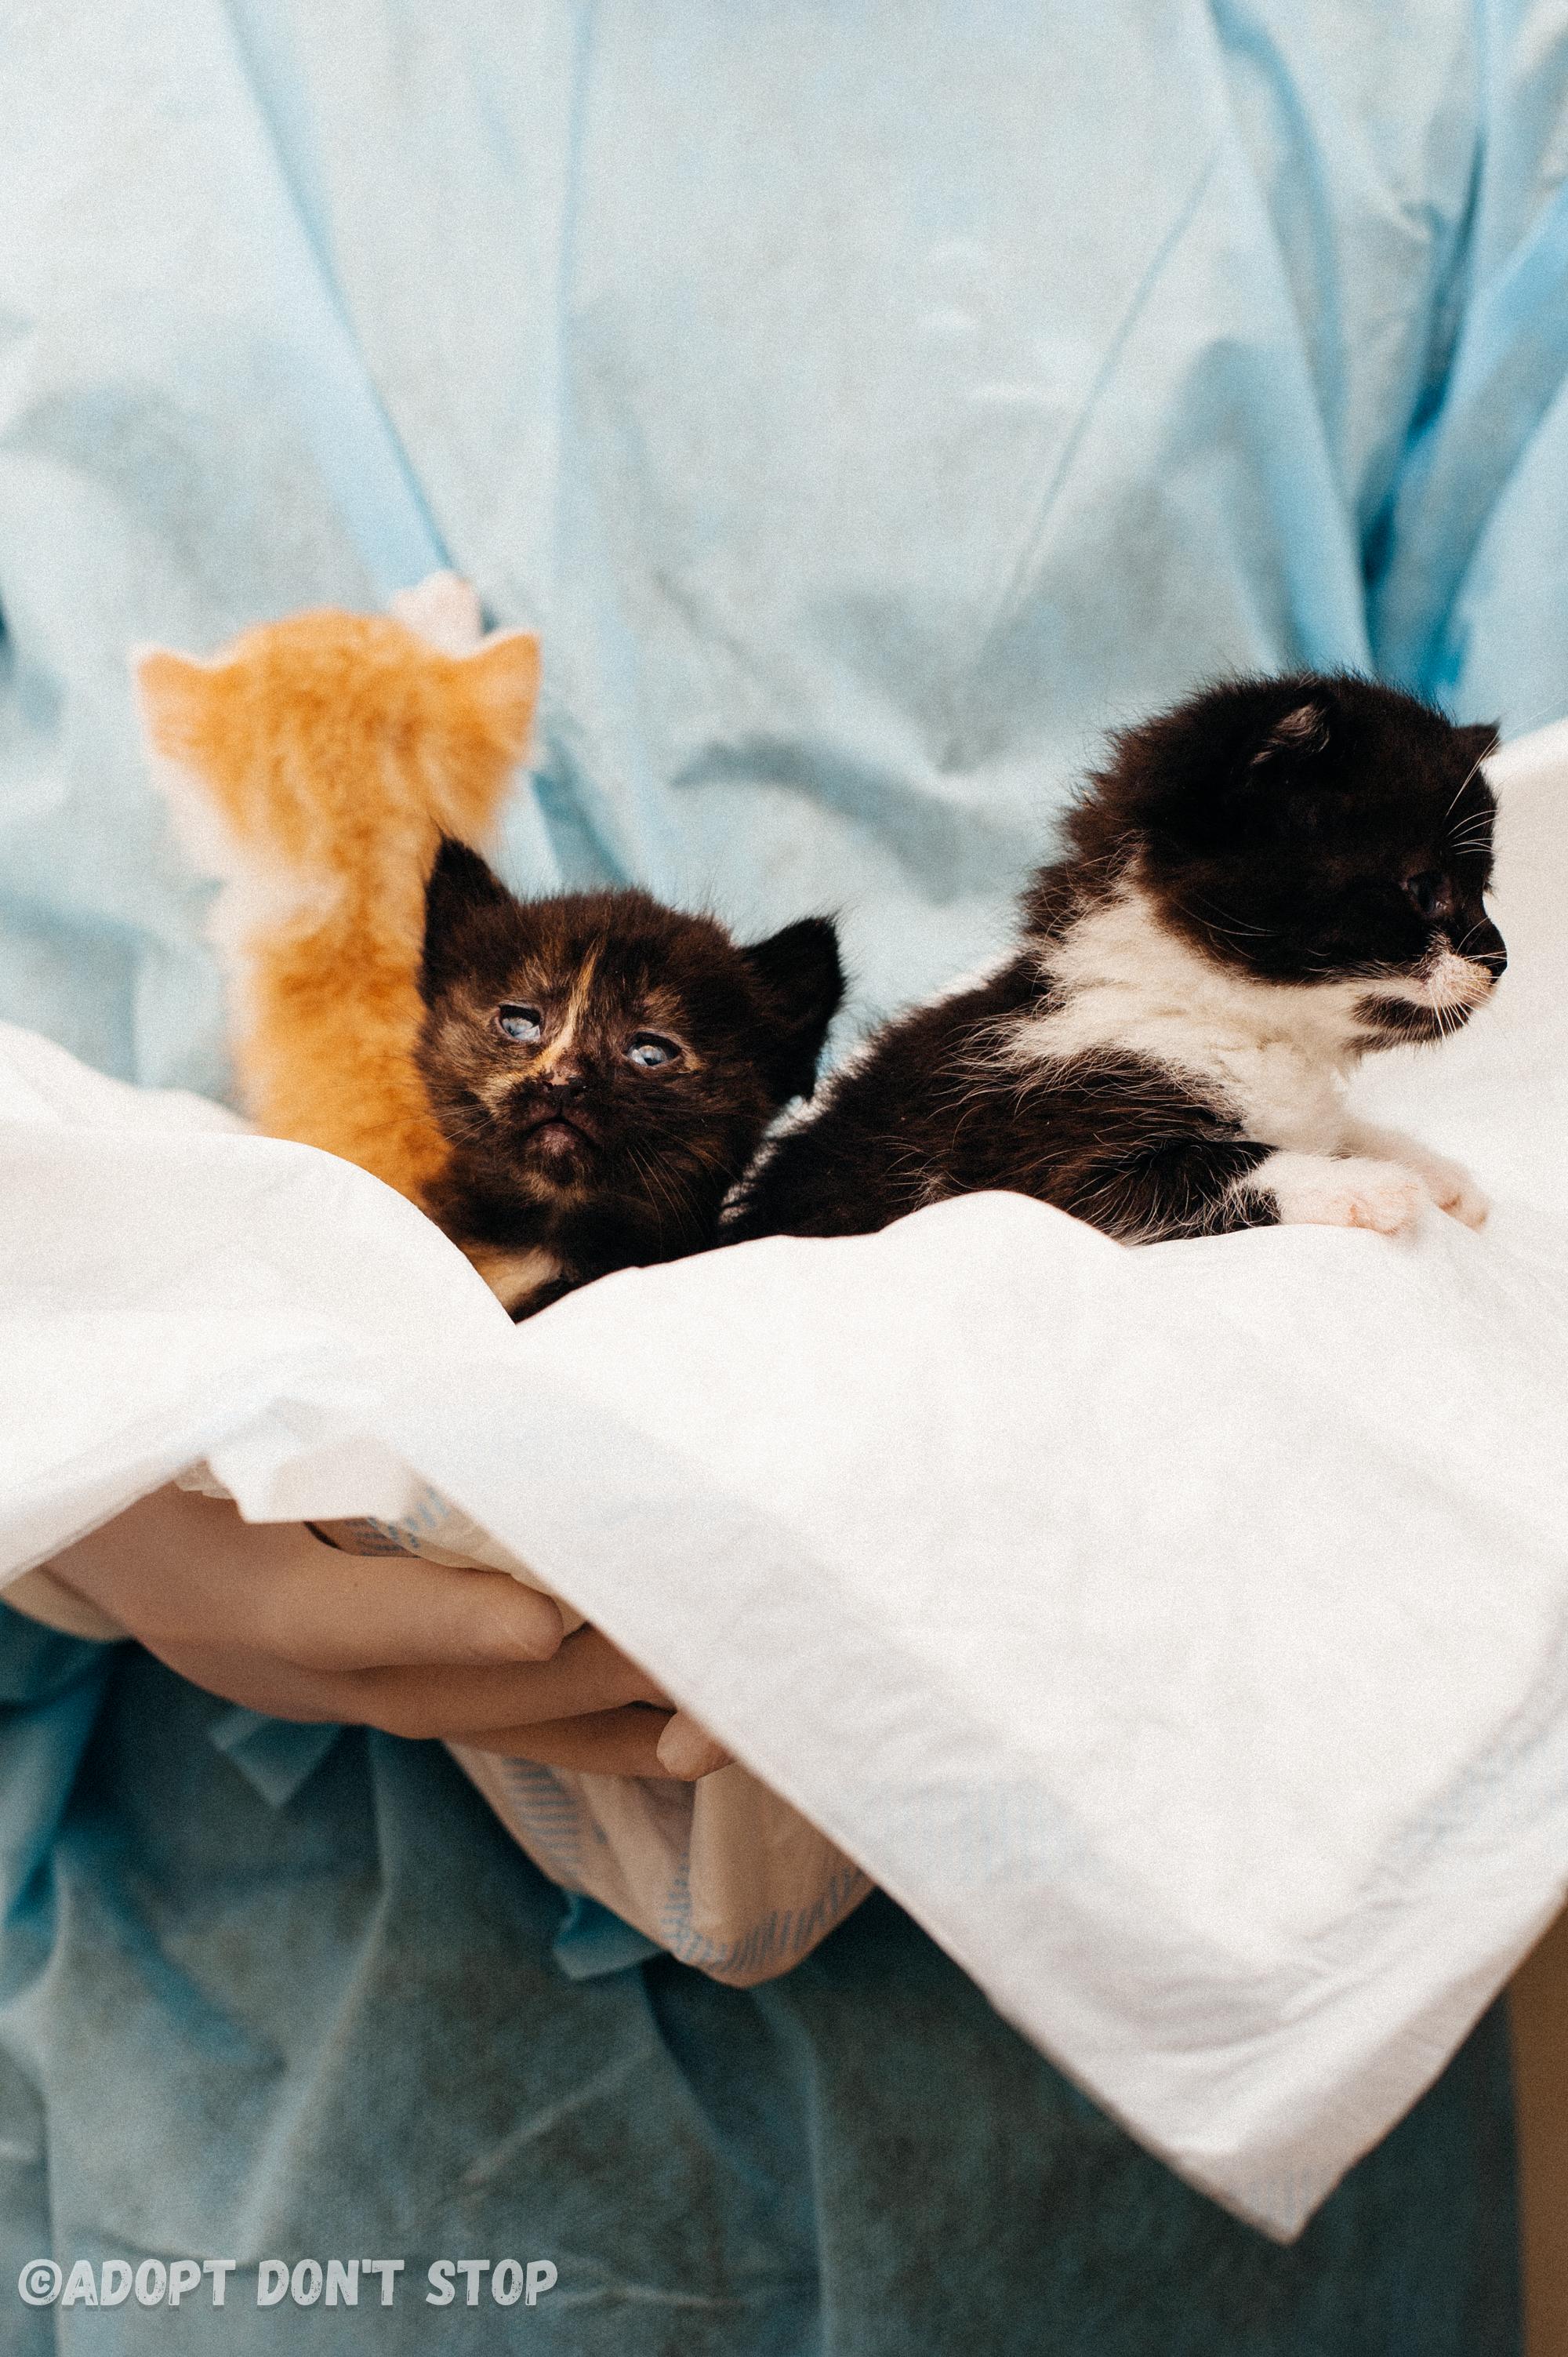 Наші підопічні кошенята.  Годуємо, лікуємо і будемо шукати найкращі родини для них!